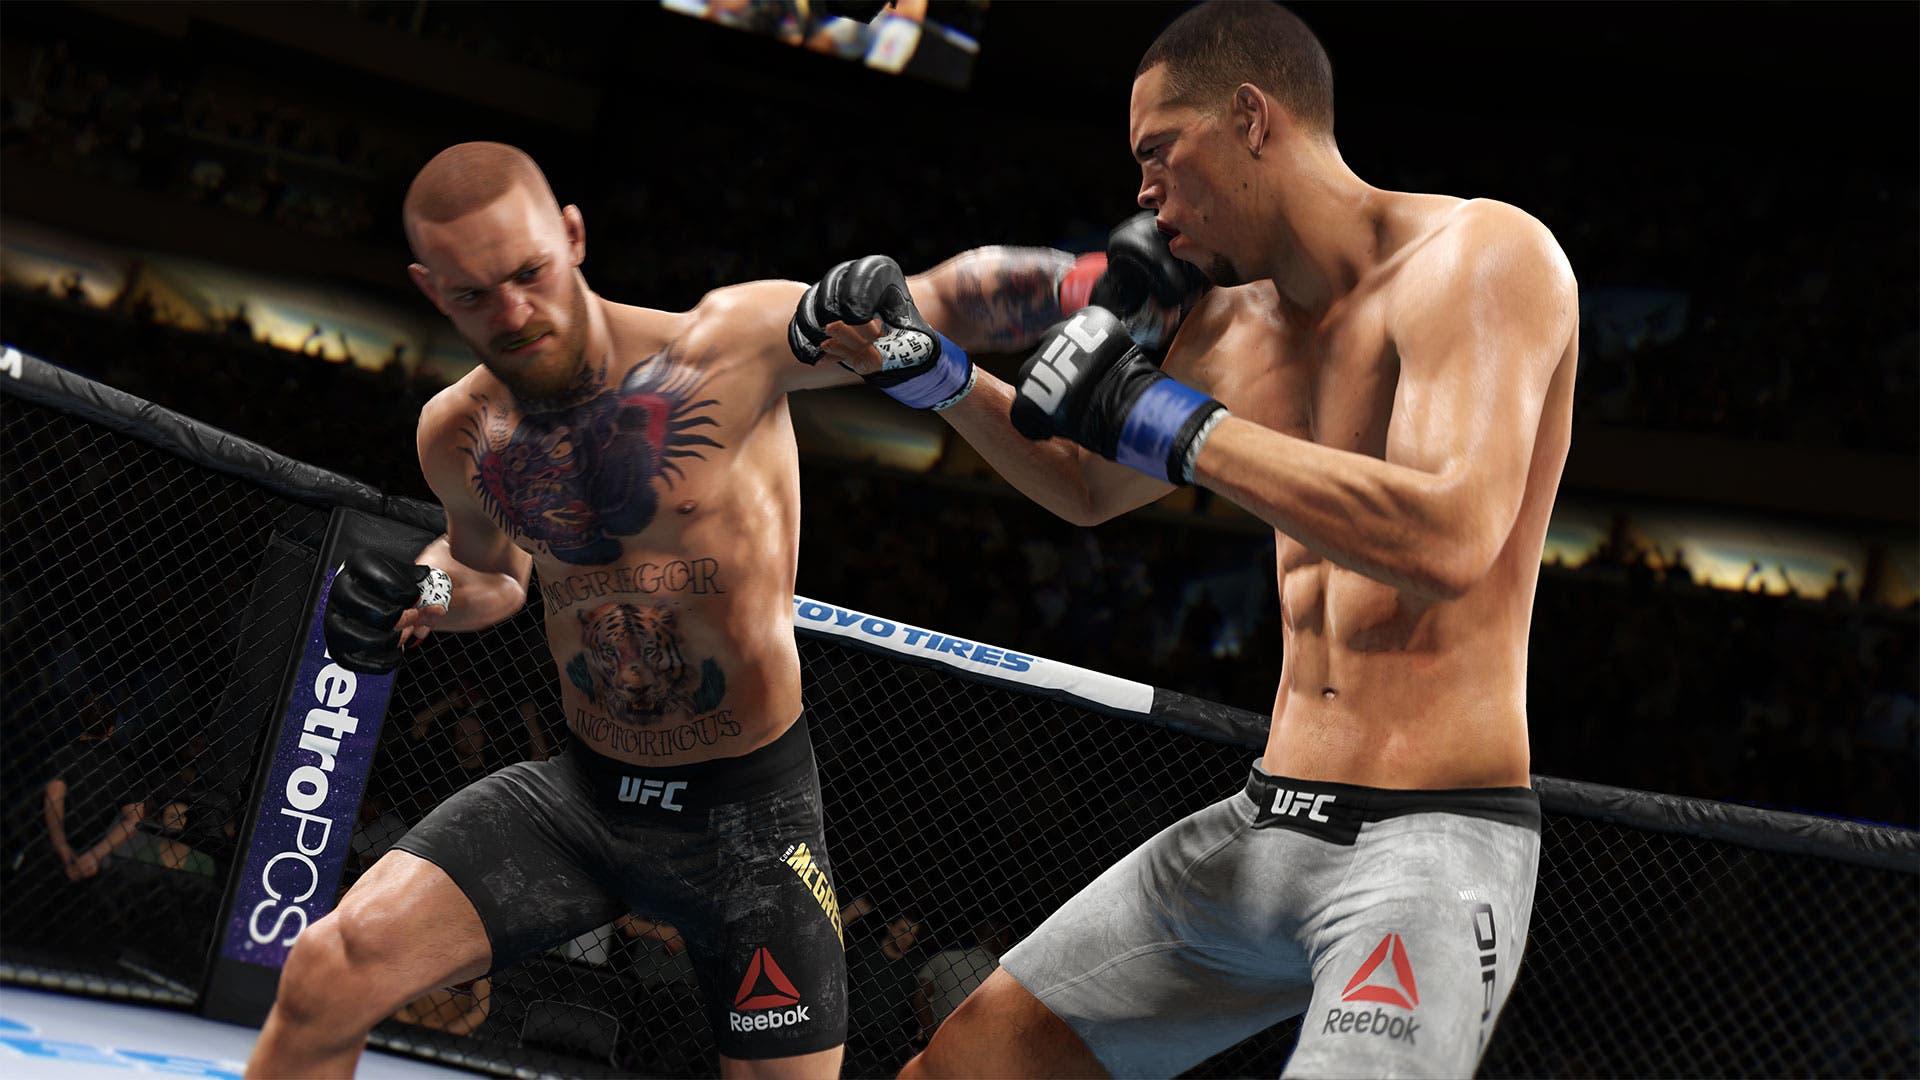 Electronic Arts informó que confirmará el lanzamiento de UFC 4 en julio y trae grandes novedades: Aparecerán Tyson Fury y Anthony Joshua